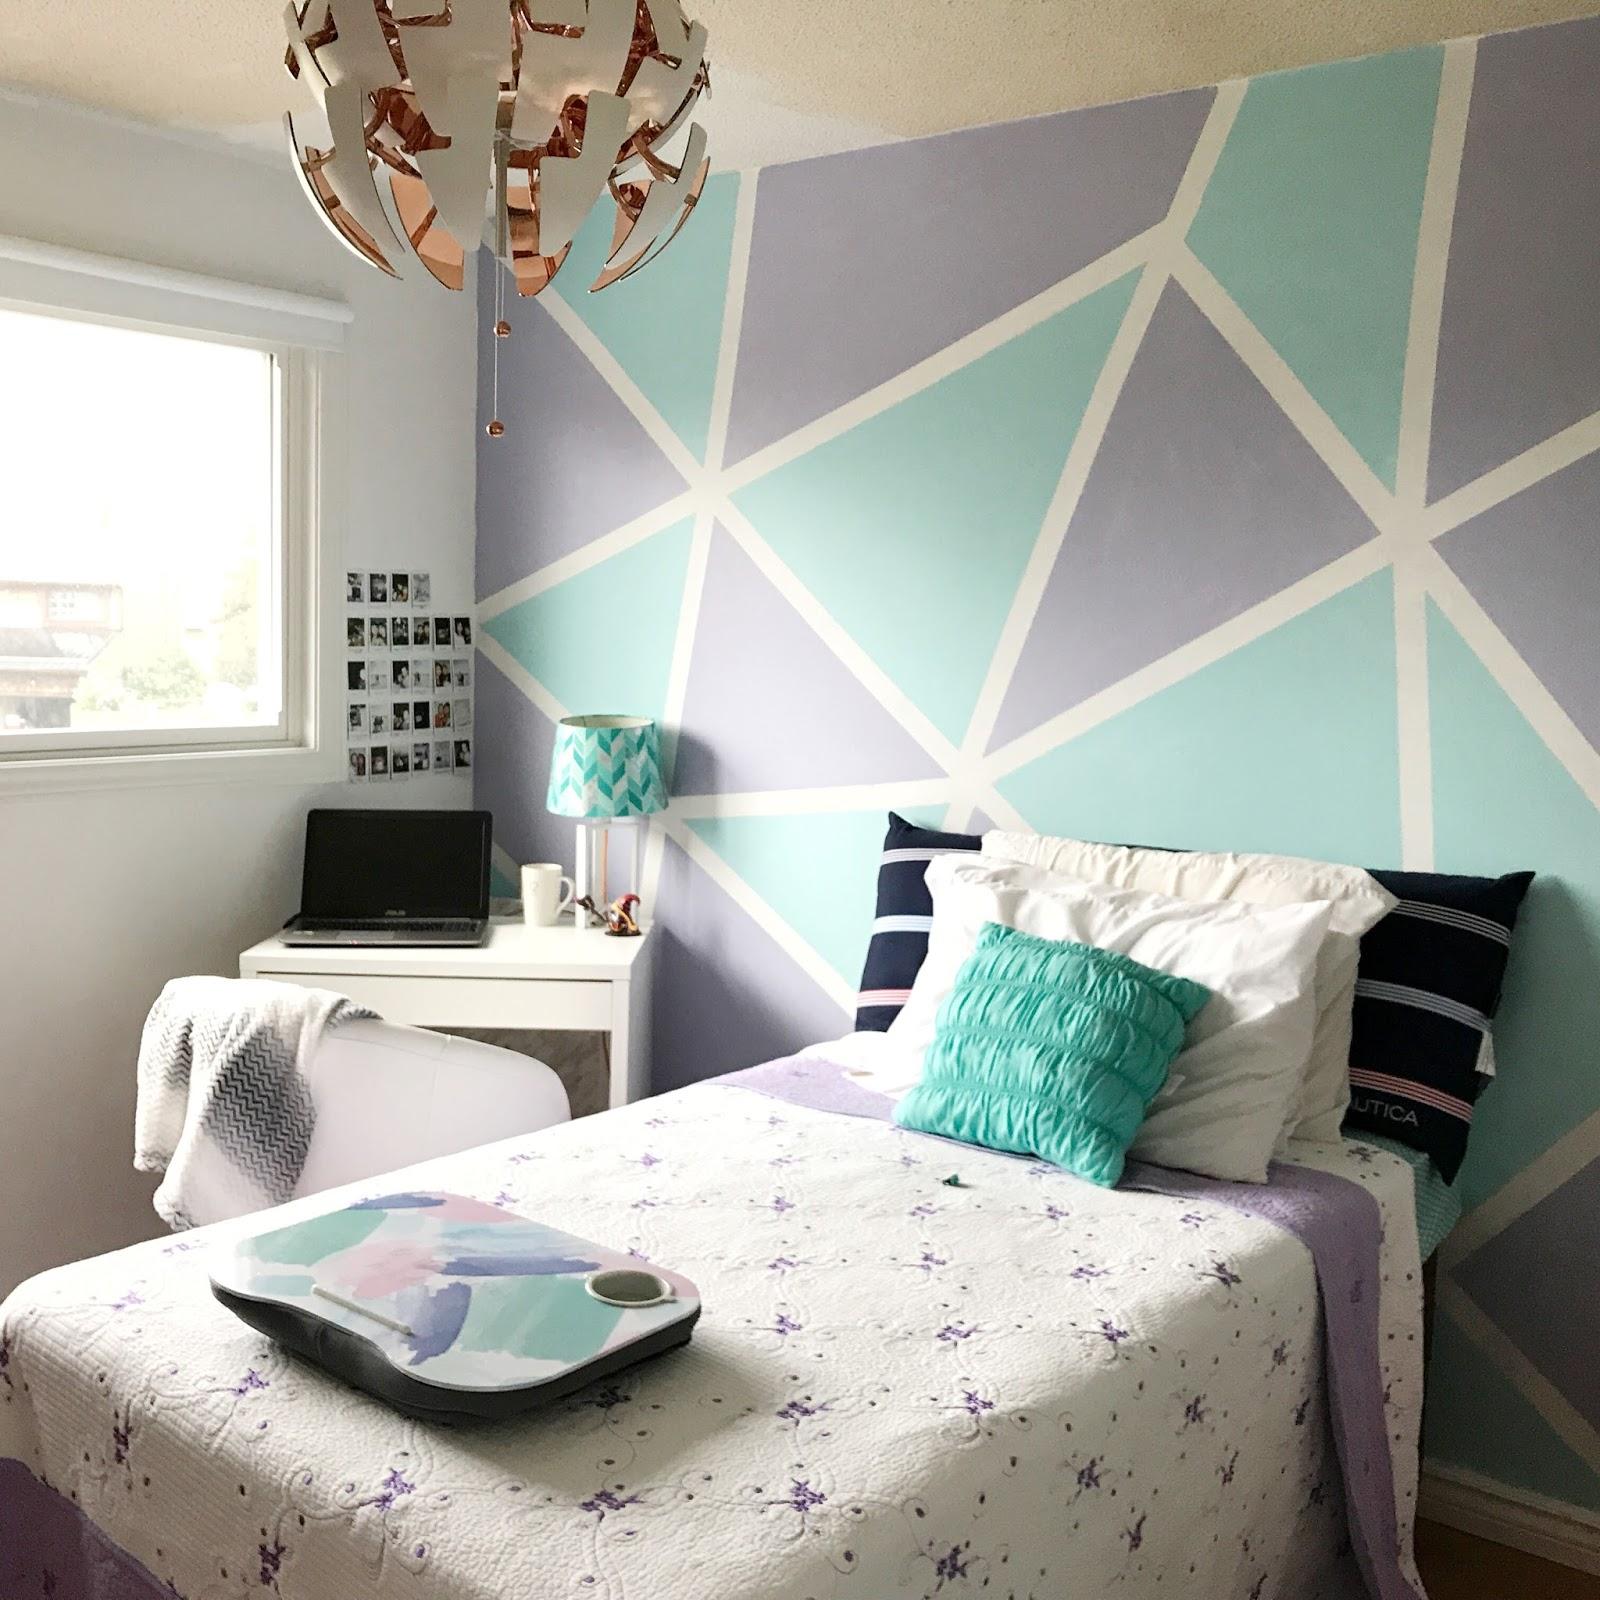 Room Decor Blog Post | Decoratingspecial.com